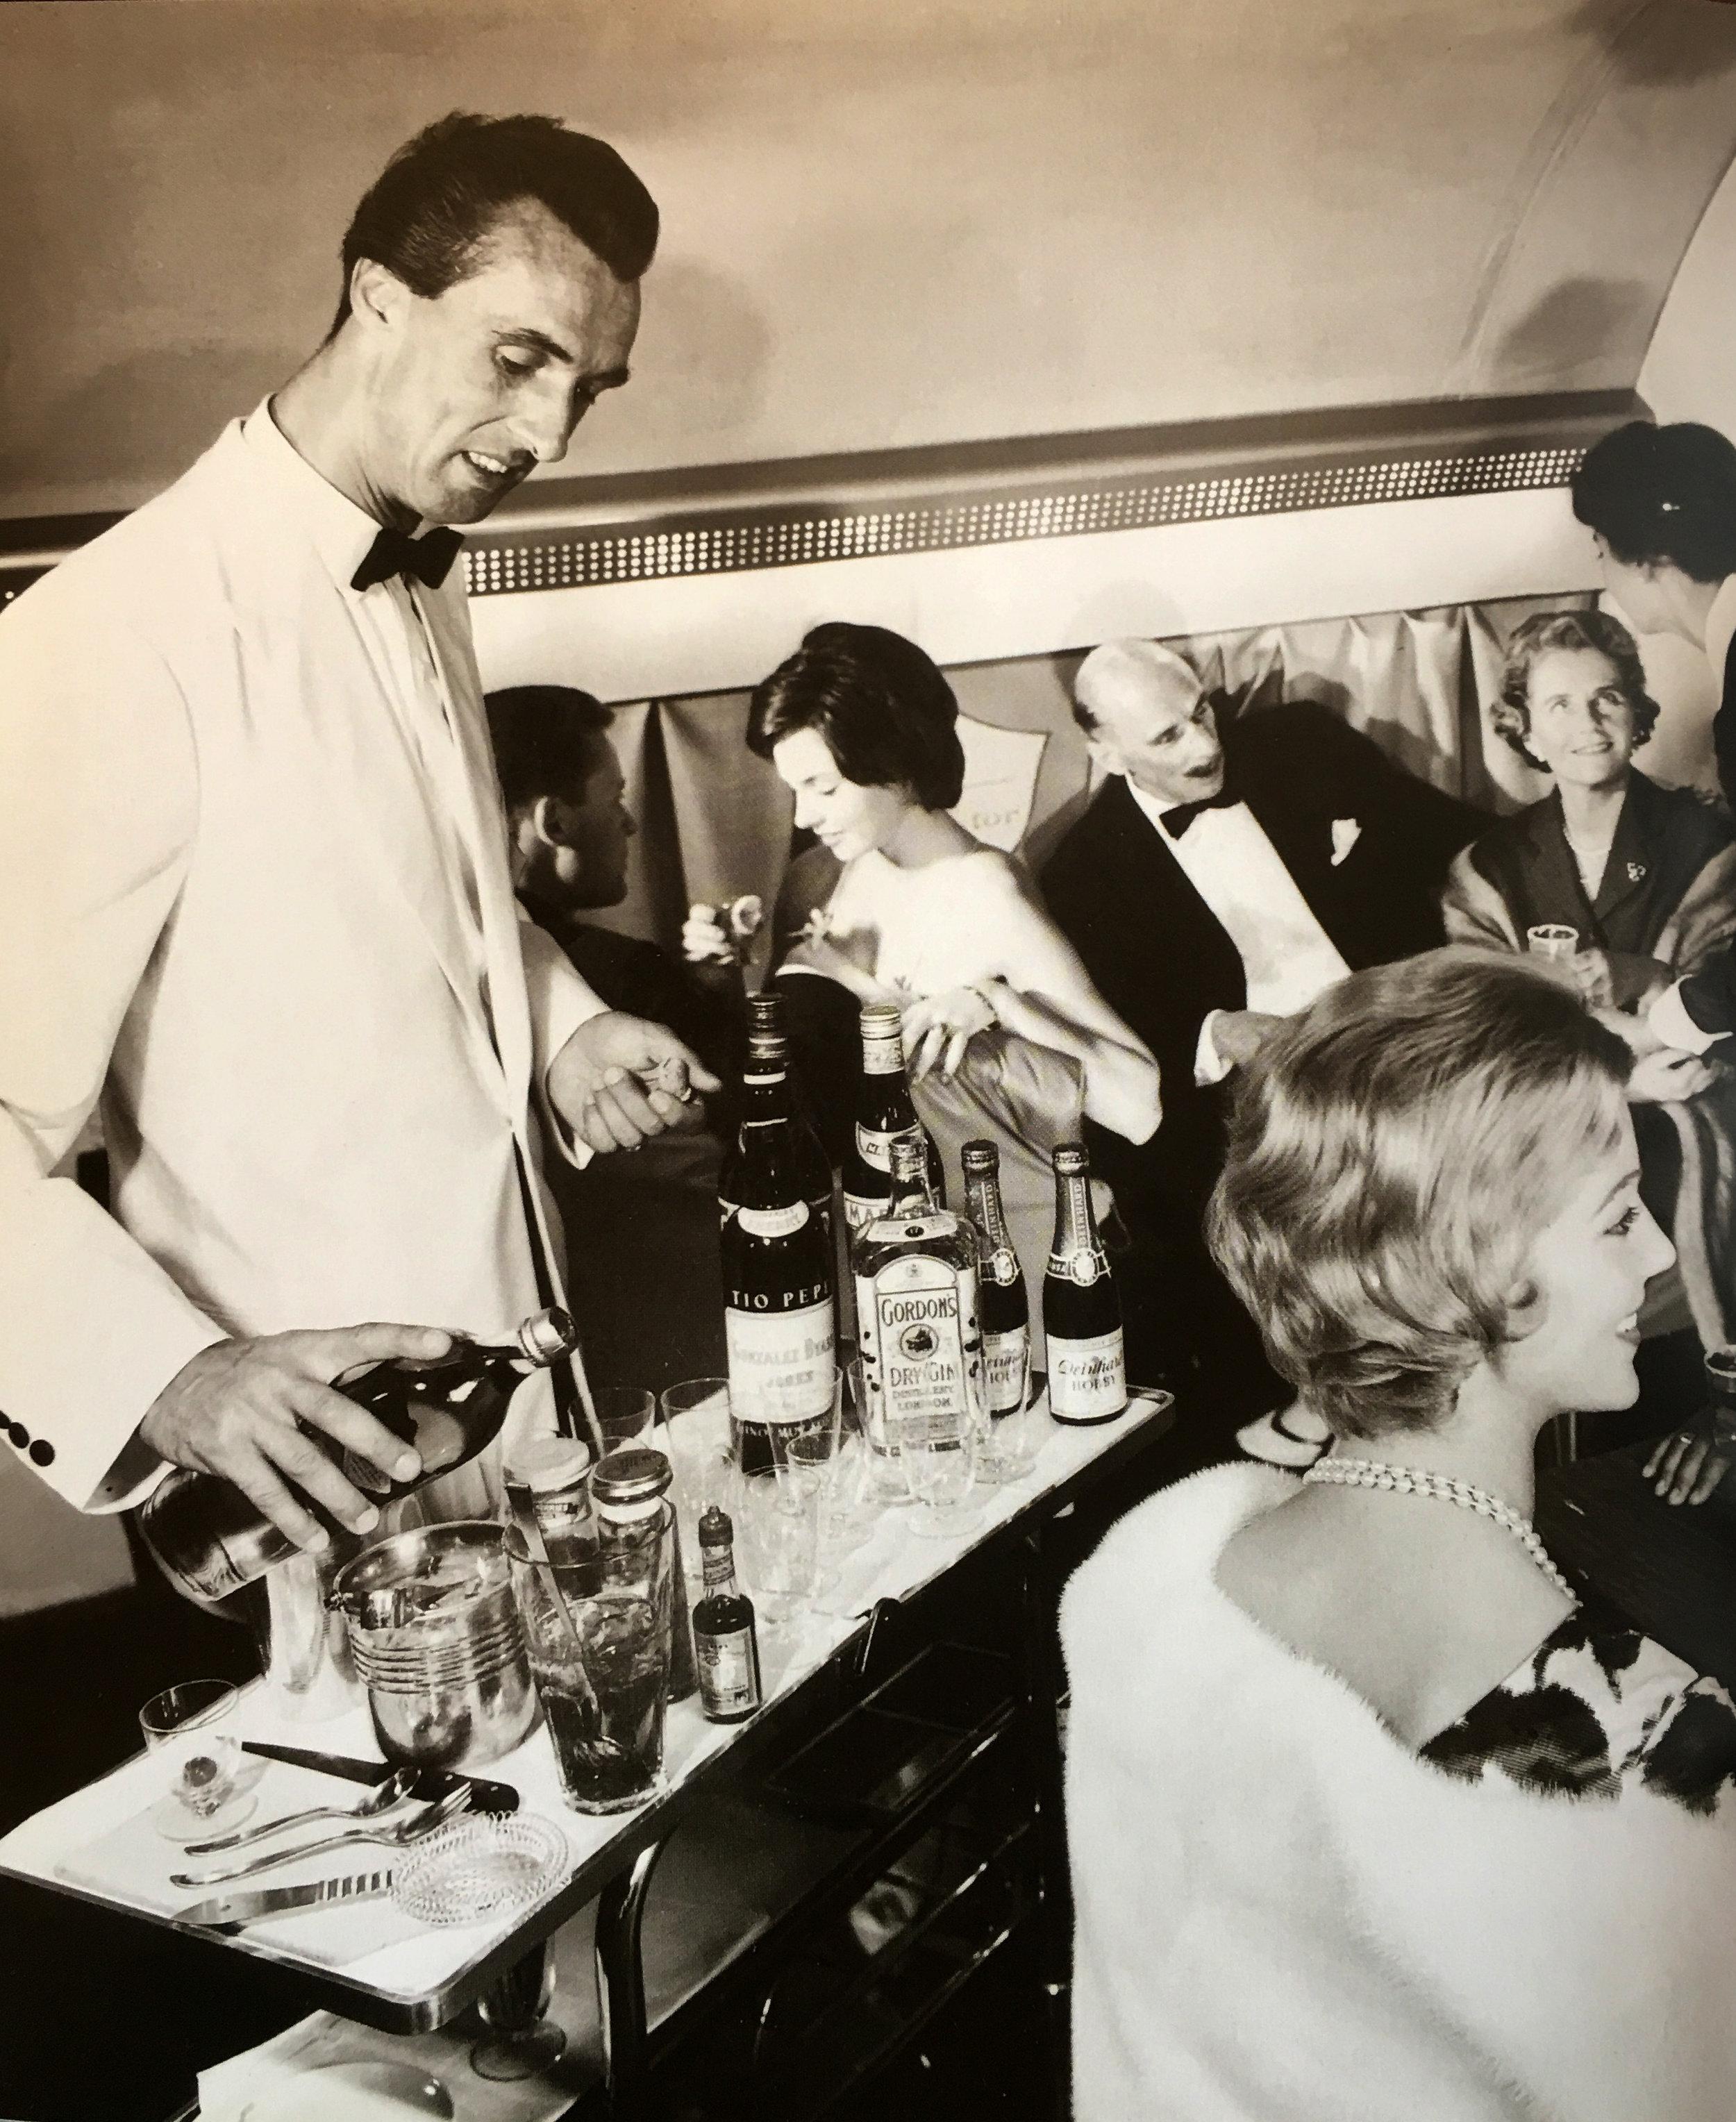 Lufthansa-First-Class-1958.jpg